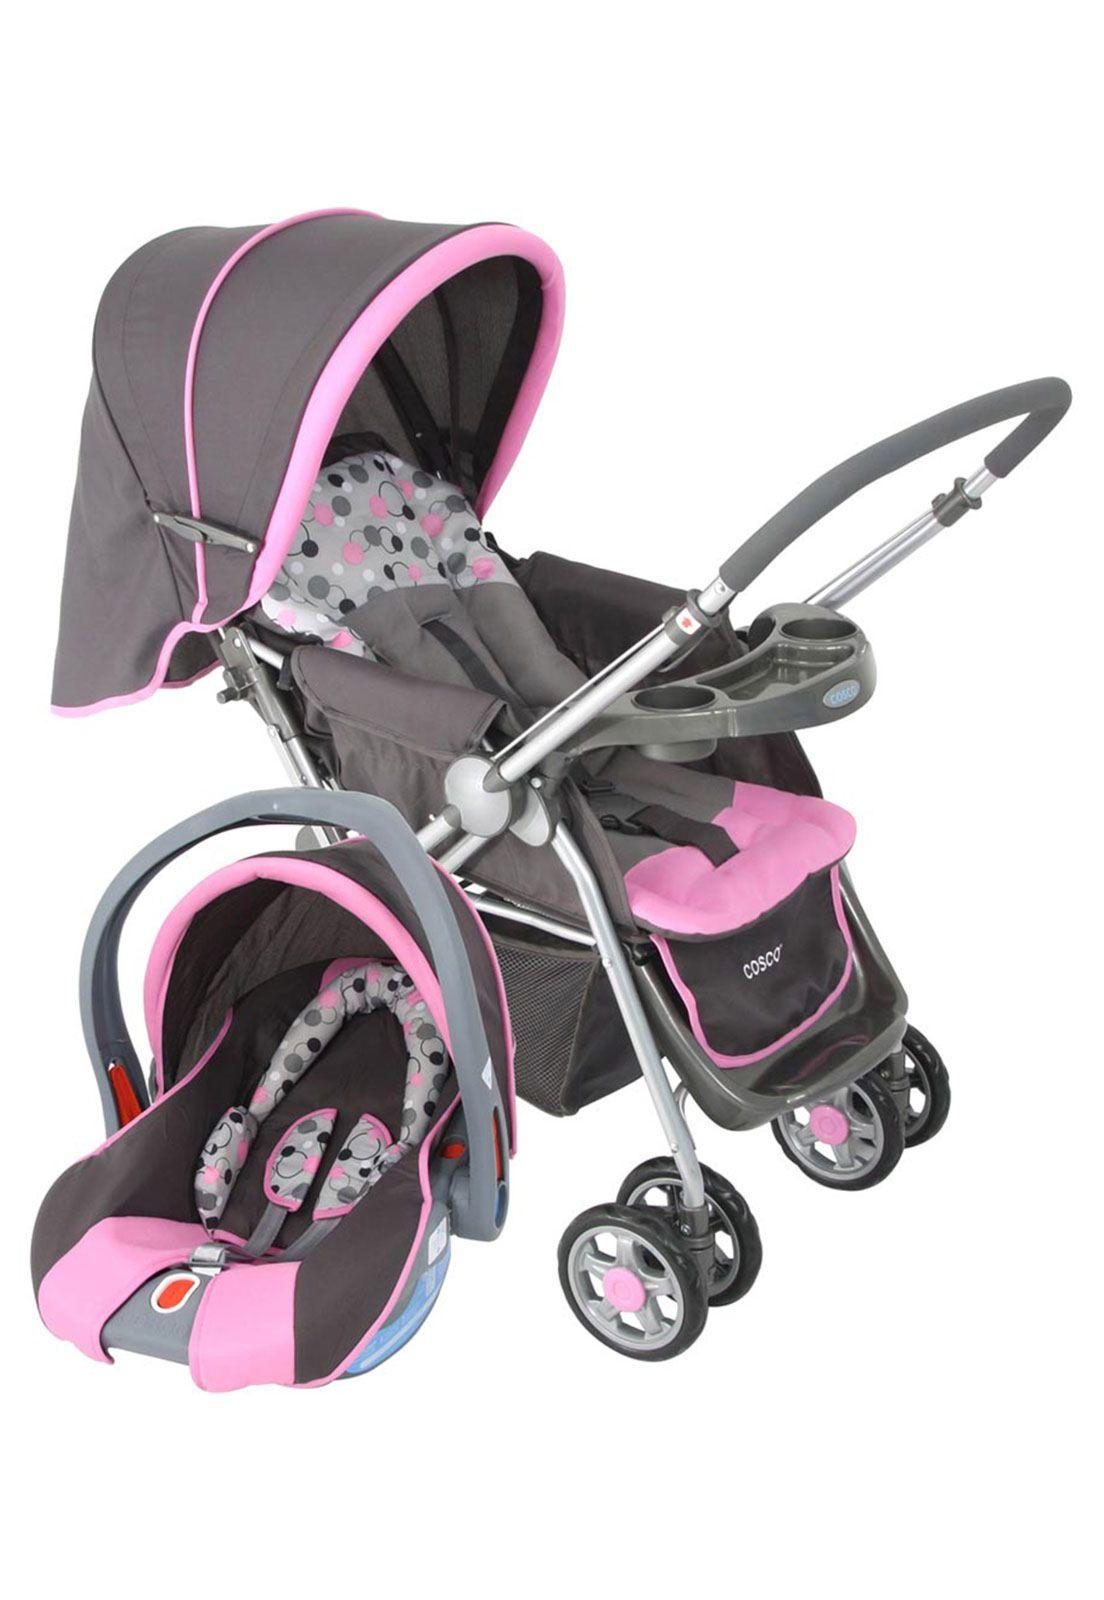 e17af28e08 Carrinho de Bebê Travel System Reverse Rosa Cosco